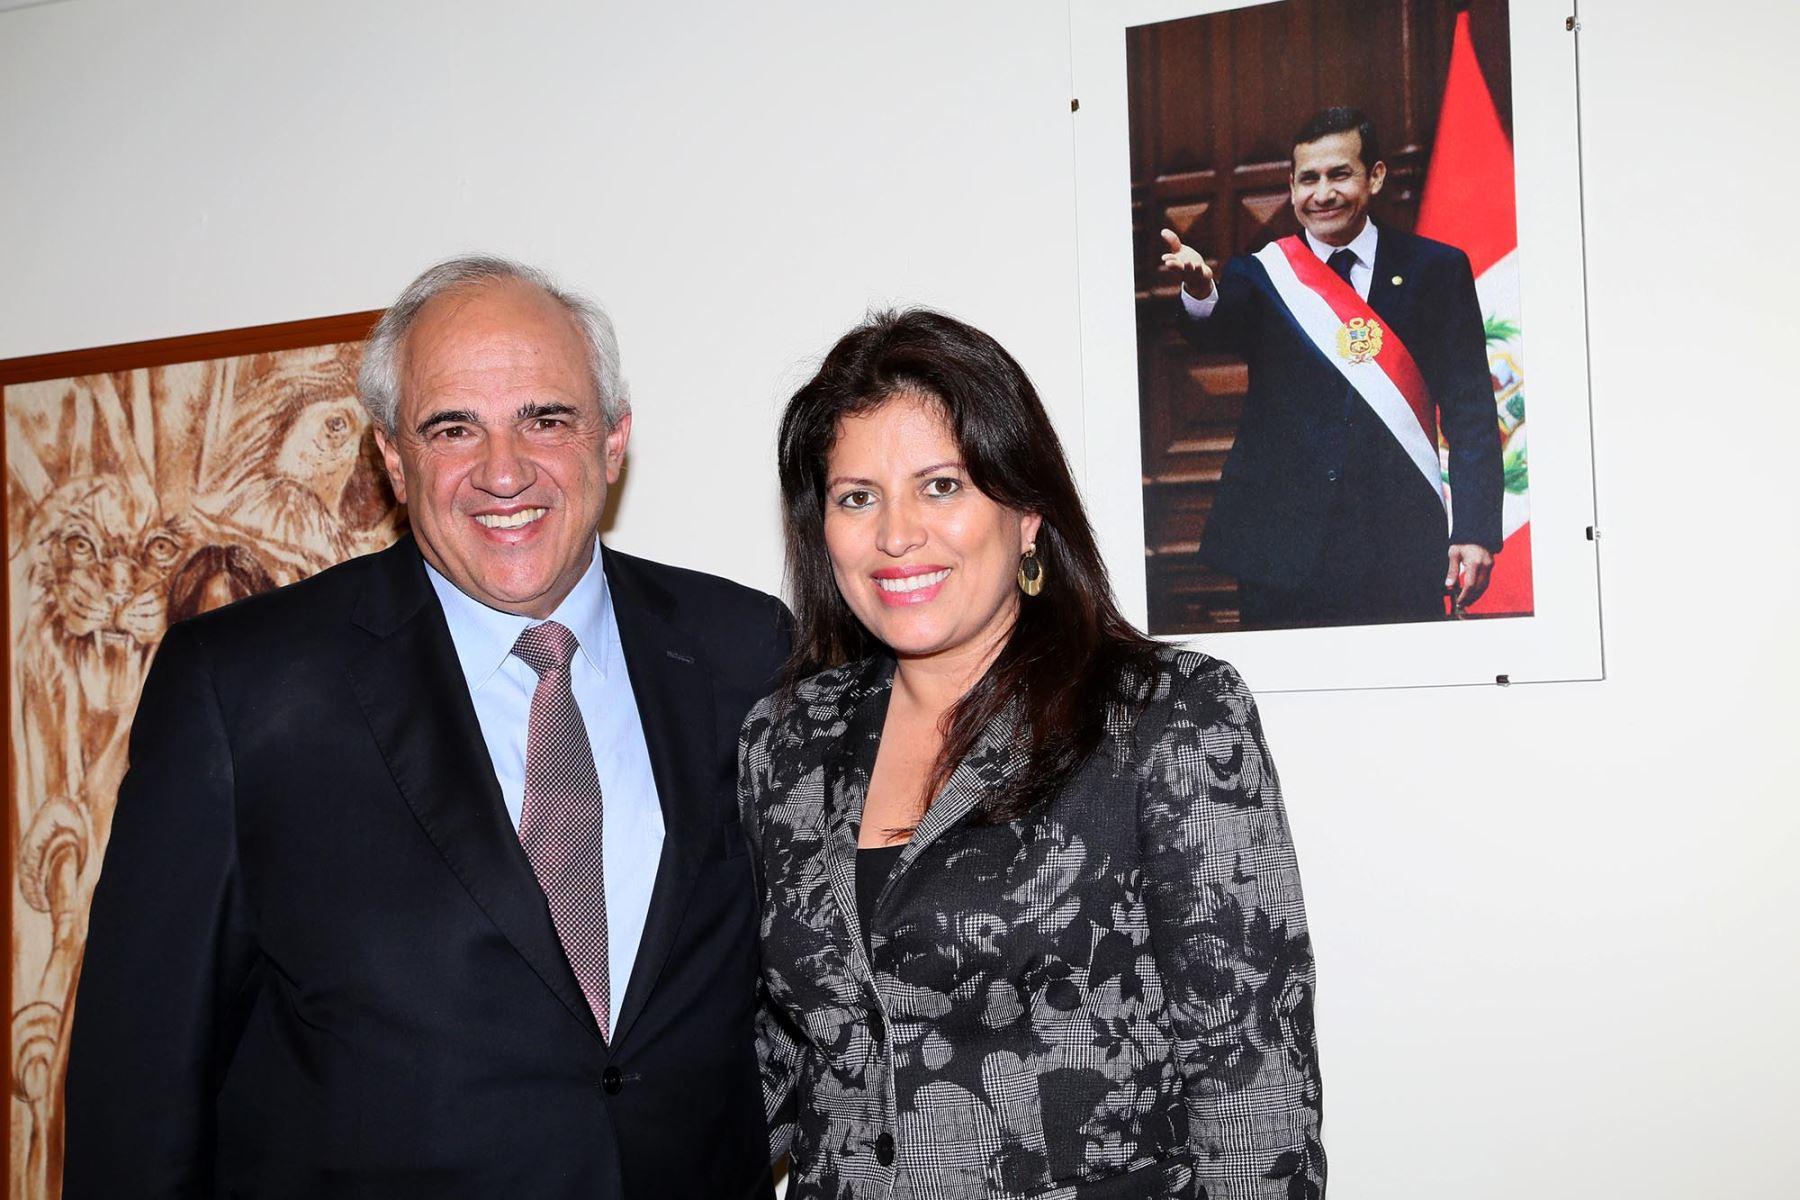 La ministra de la Mujer y Poblaciones Vulnerables, Carmen Omonte, se reunió con el Secretario General de la Unasur, Ernesto Samper. ANDINA/Difusión